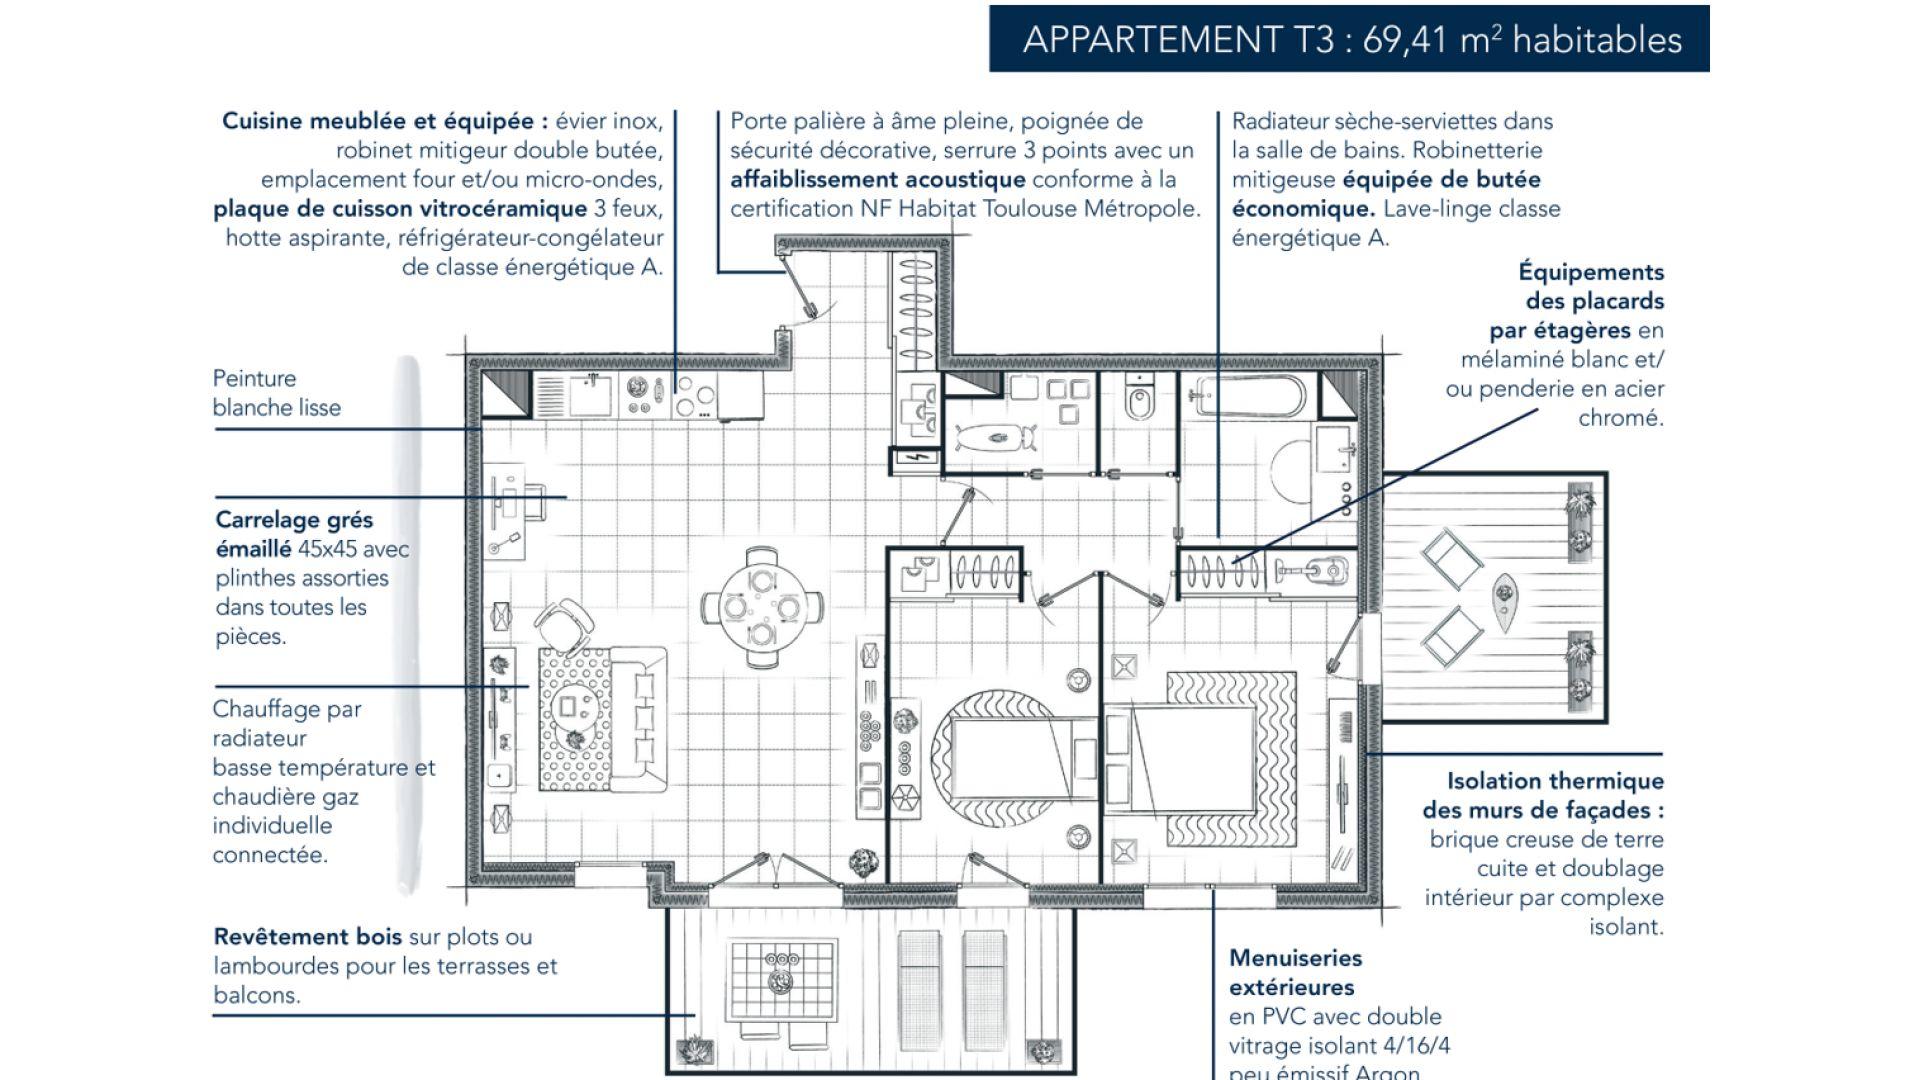 Greencity Immobilier - Résidence Sweet Garden - 31200 Toulouse Bonnefoy - appartements et villas du T2 au T4   - plan appartement T3